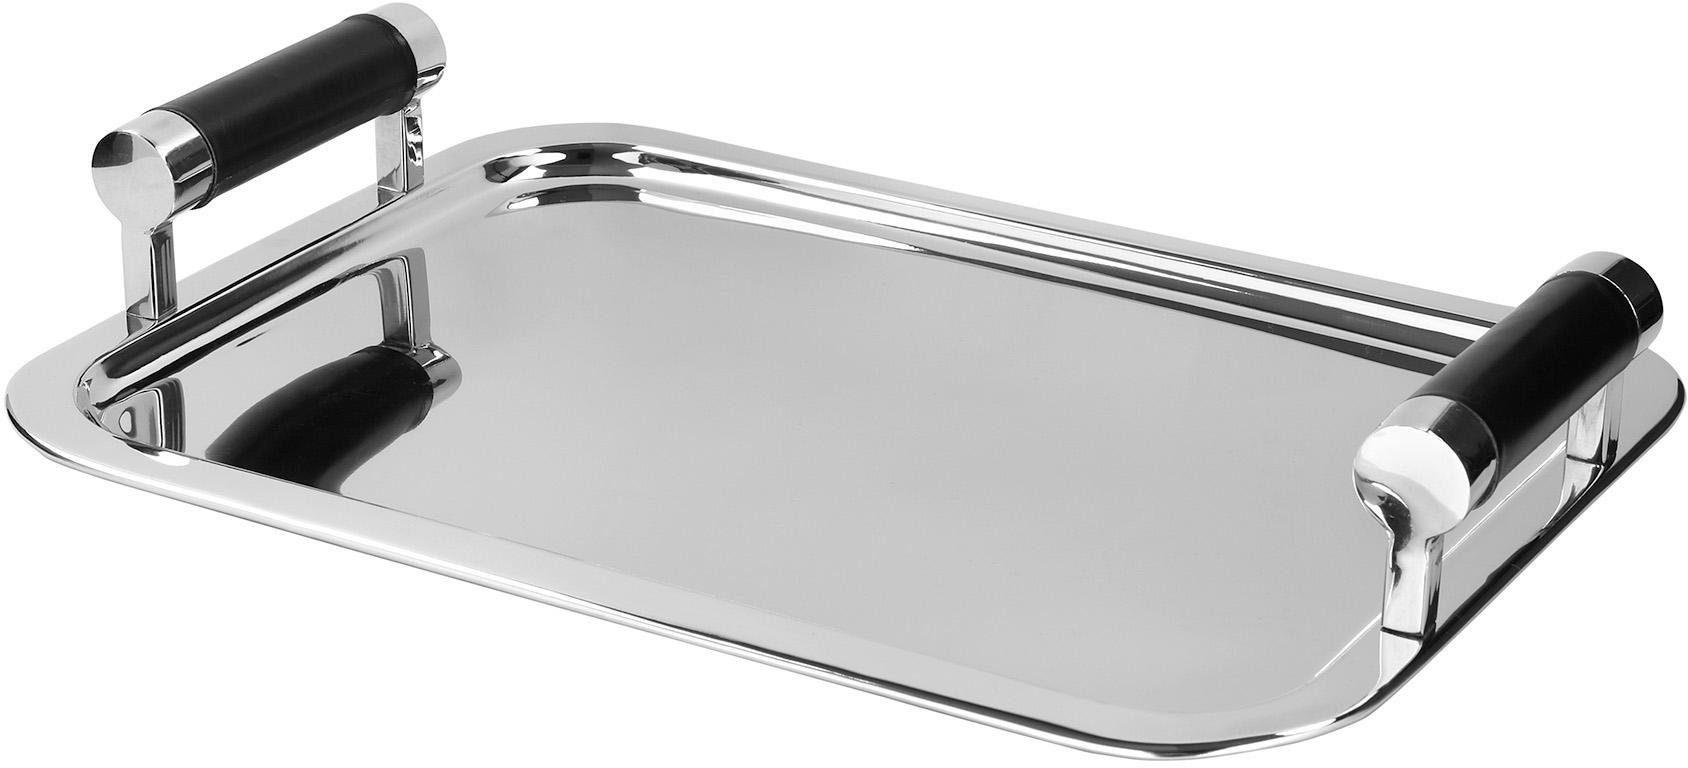 Fink Metall-Tablett mit Griffen »MONZA« in zwei Größen